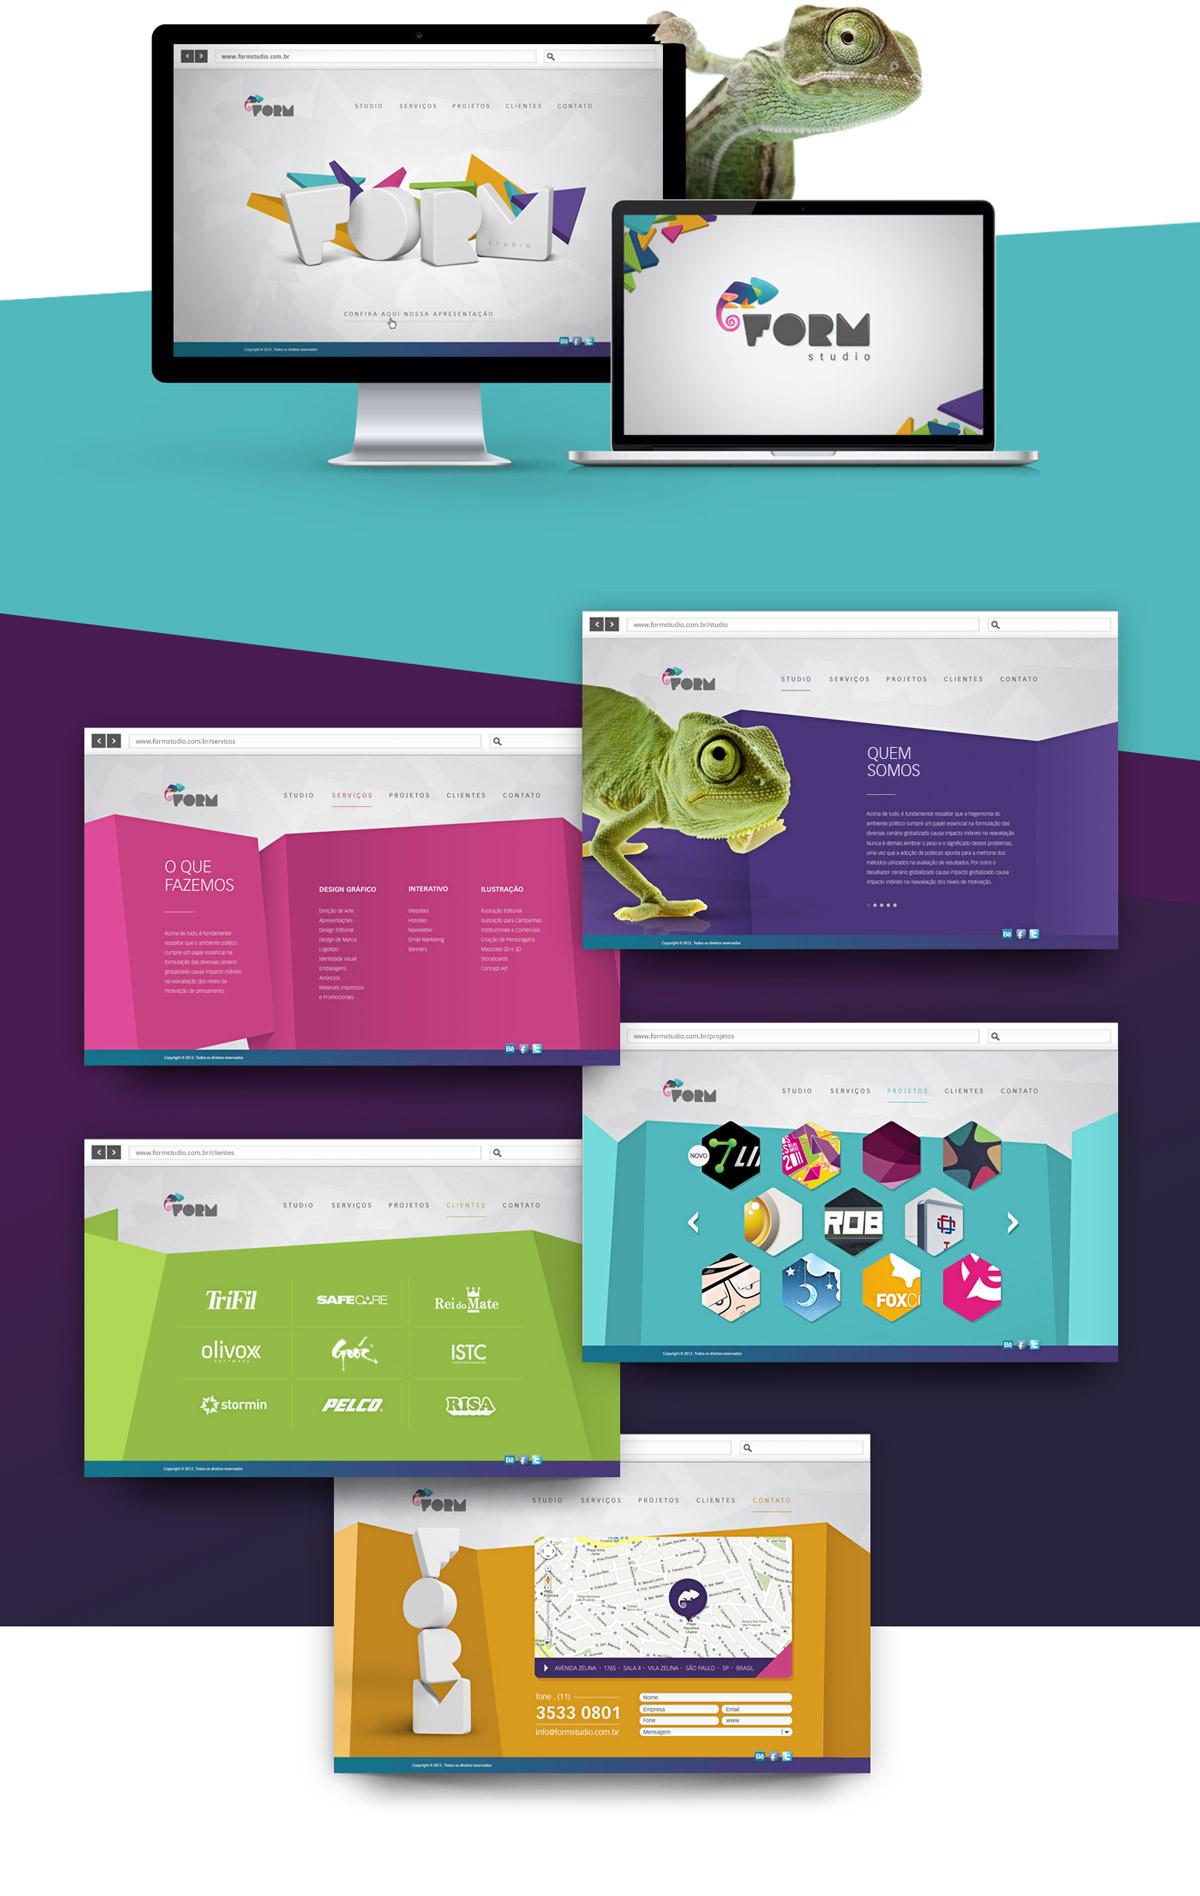 Form Studio website